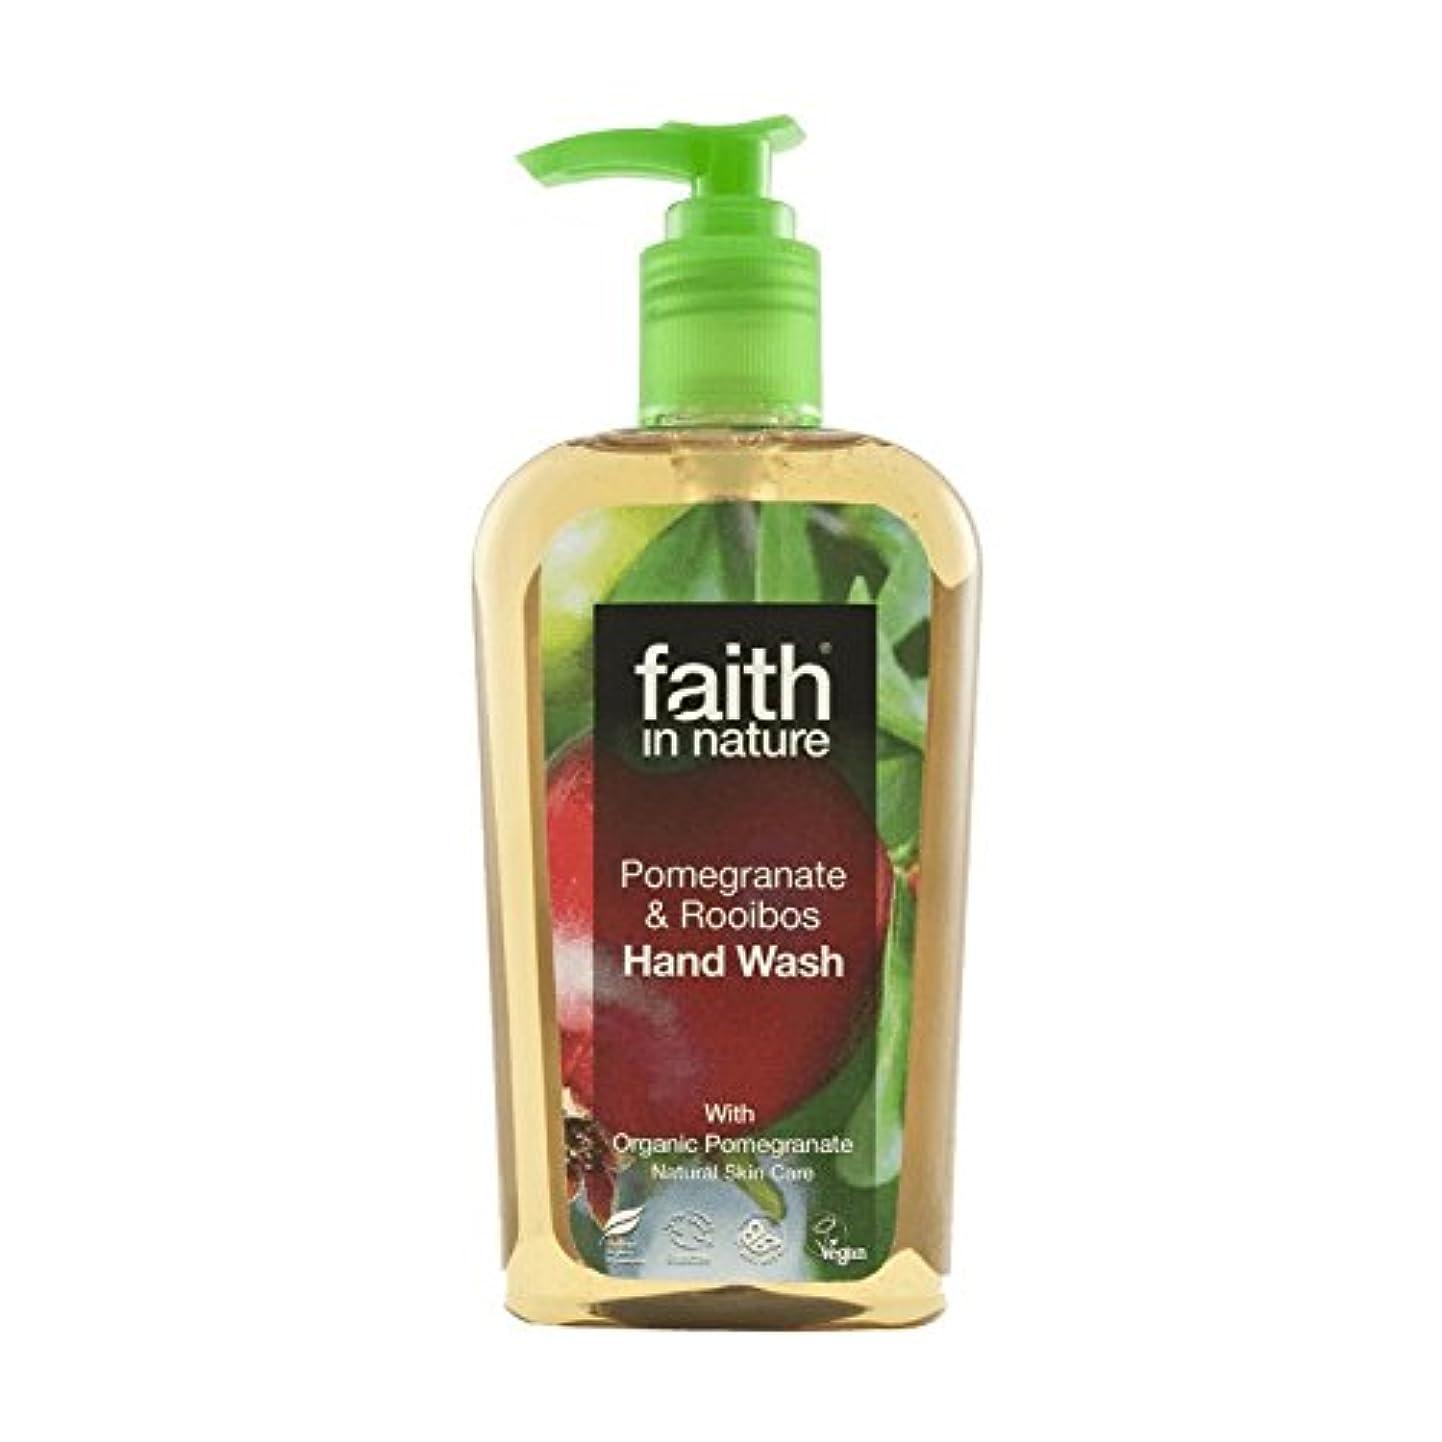 苦味ジャングル承知しました自然ザクロ&ルイボス手洗いの300ミリリットルの信仰 - Faith In Nature Pomegranate & Rooibos Handwash 300ml (Faith in Nature) [並行輸入品]